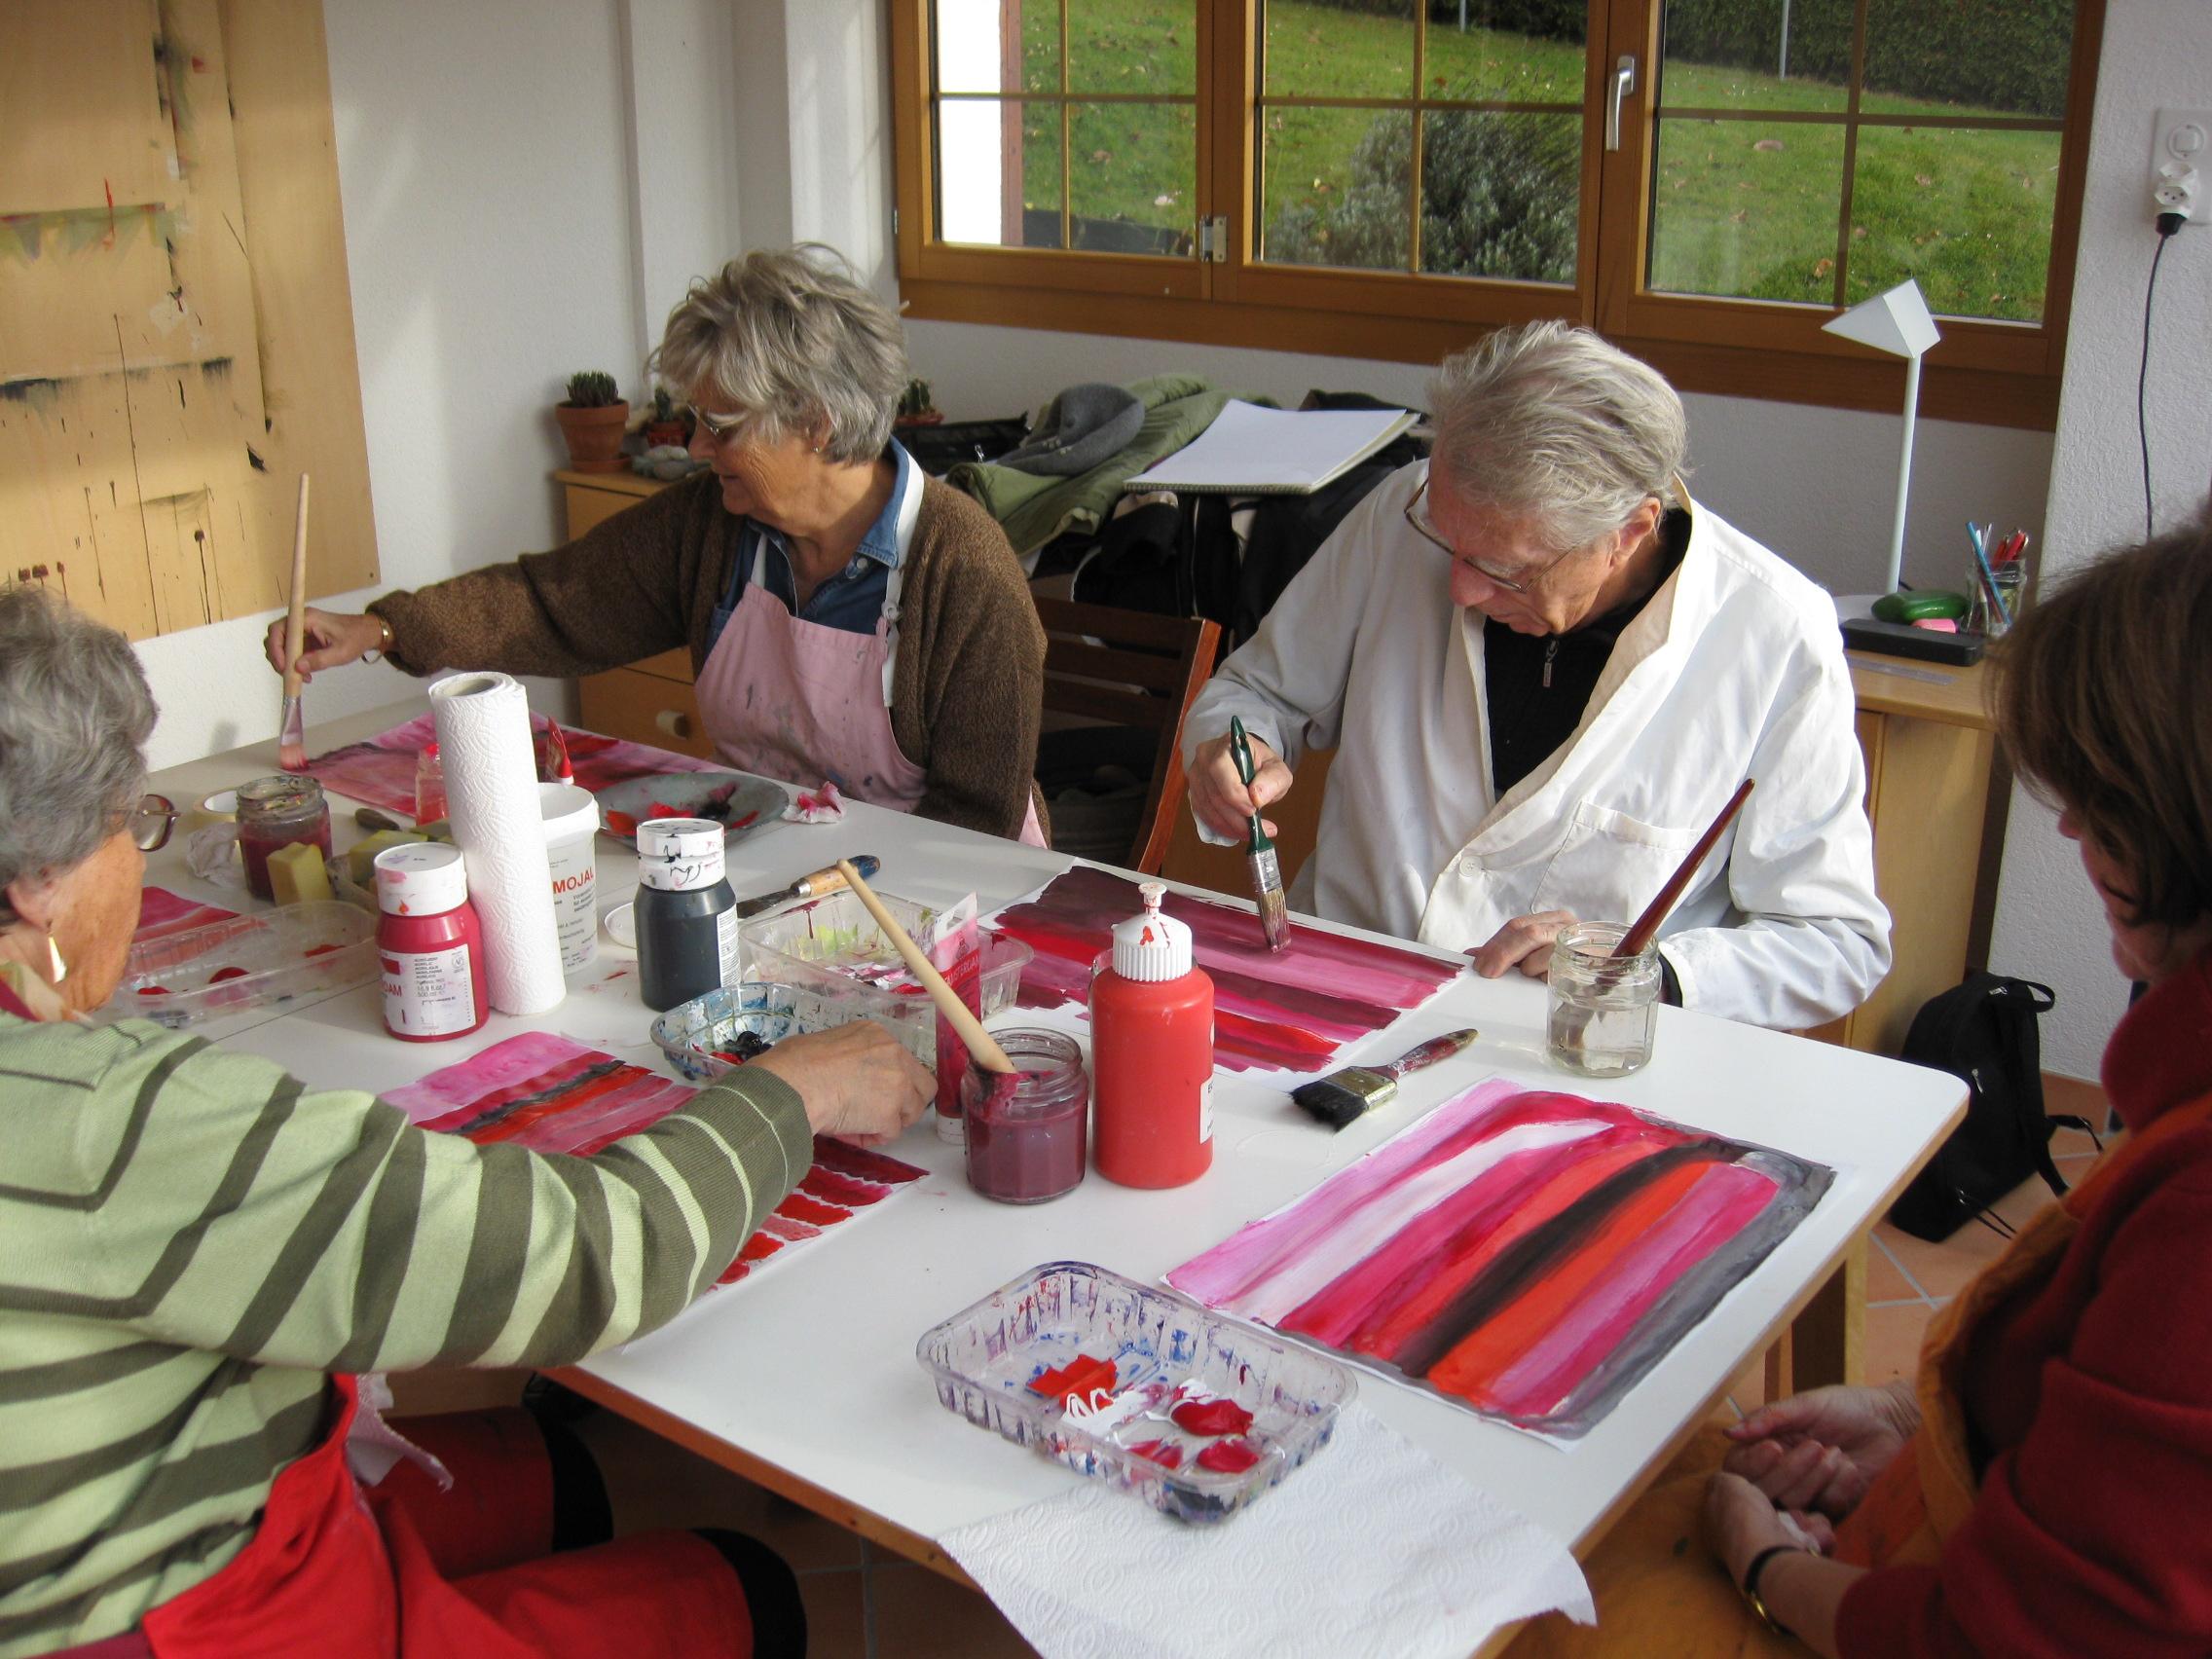 Atelier d'expression créatrice pour malentendants : retrouver son potentiel créatif